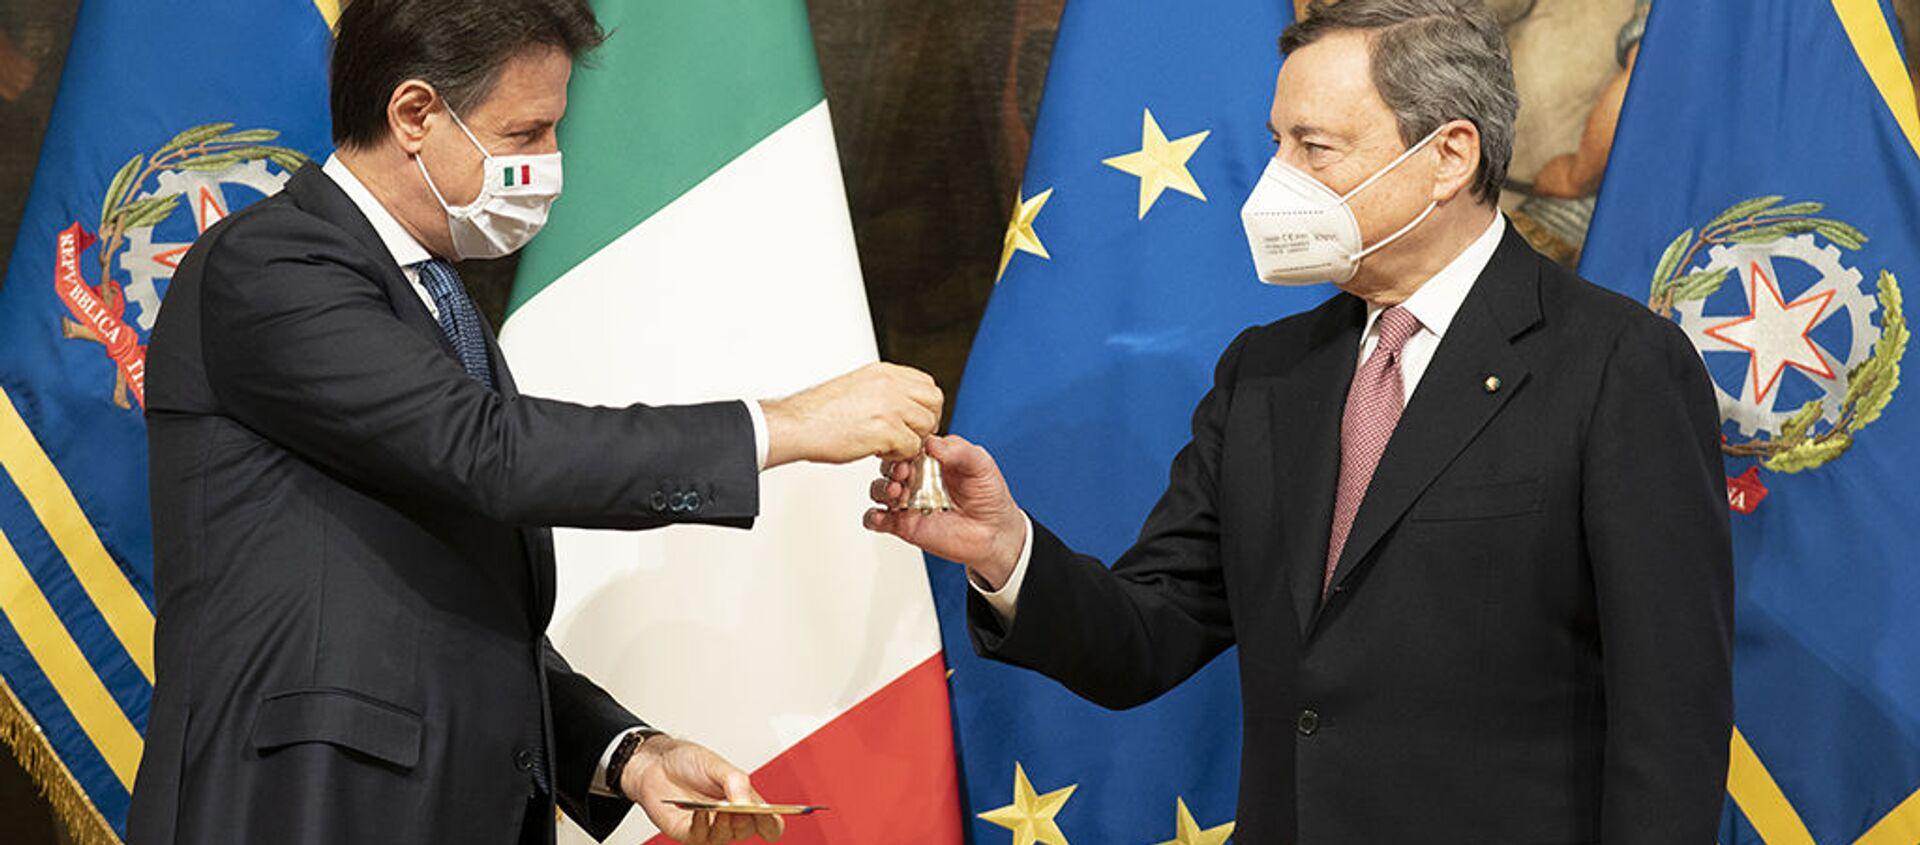 Passaggio di consegne tra Conte e Draghi - Sputnik Italia, 1920, 13.02.2021